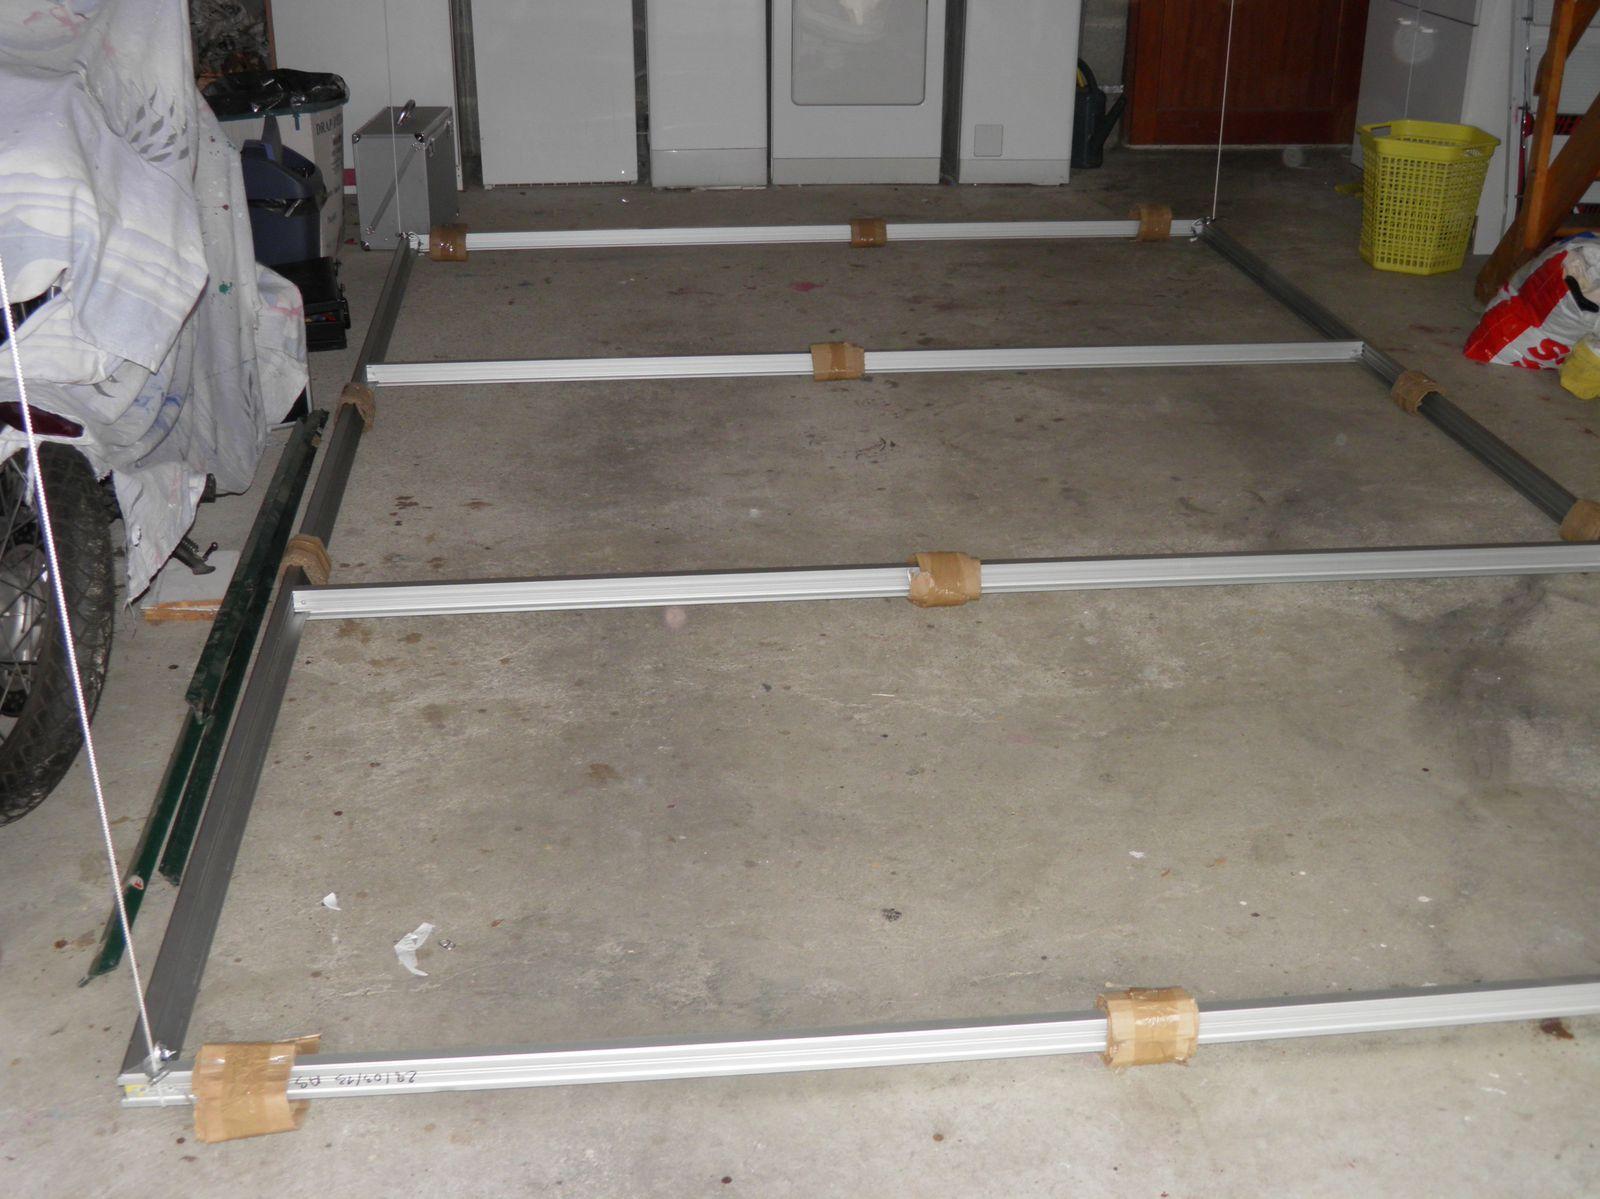 Comment Suspendre Un Plateau Au Plafond fabrication du plateau escamotable au plafond. (3) - mon